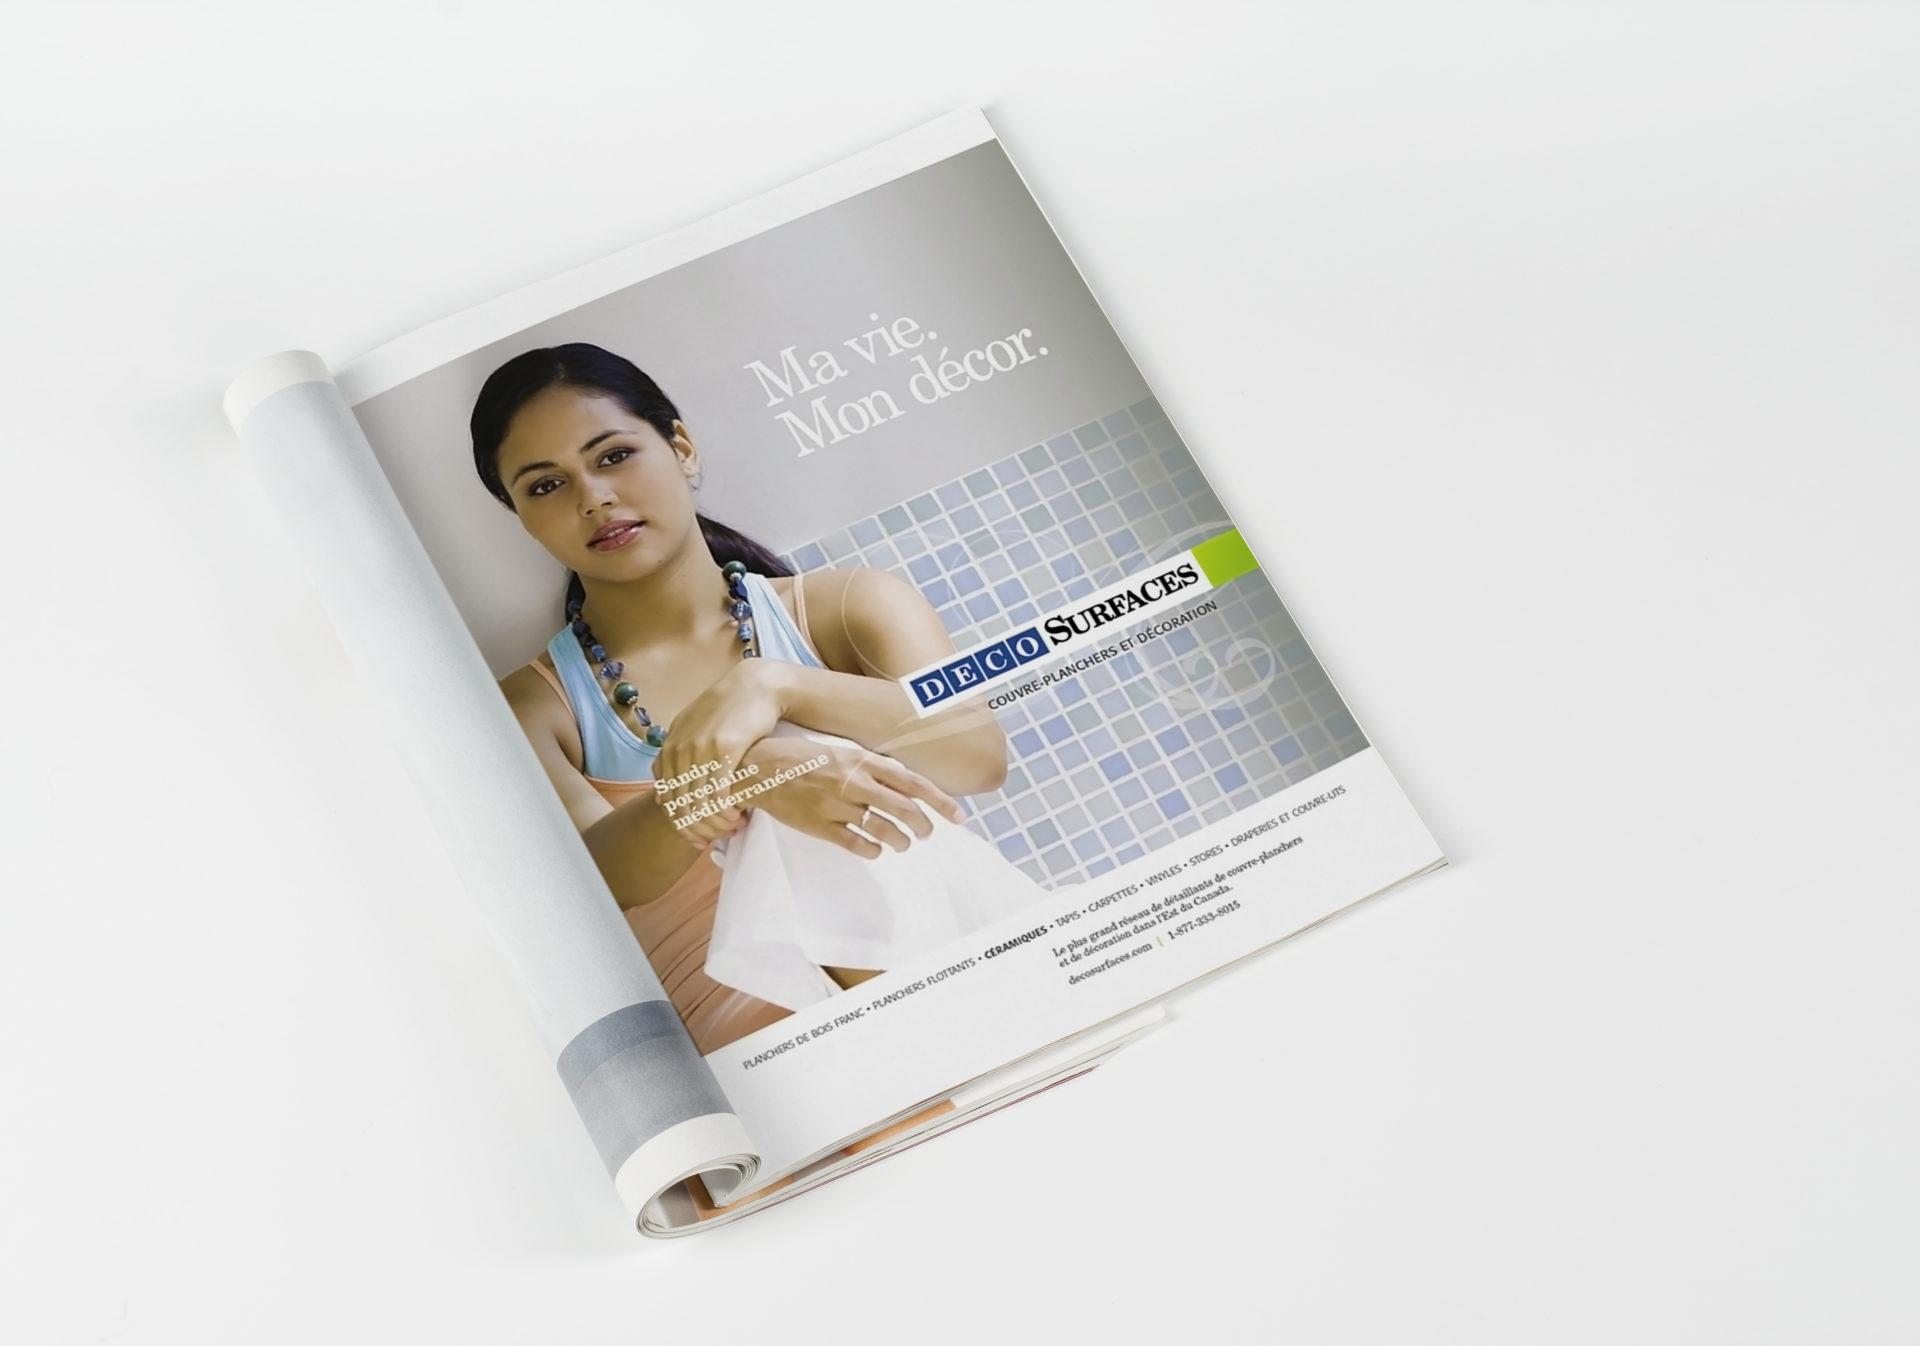 Mock-up magazines or catalog on white table background.